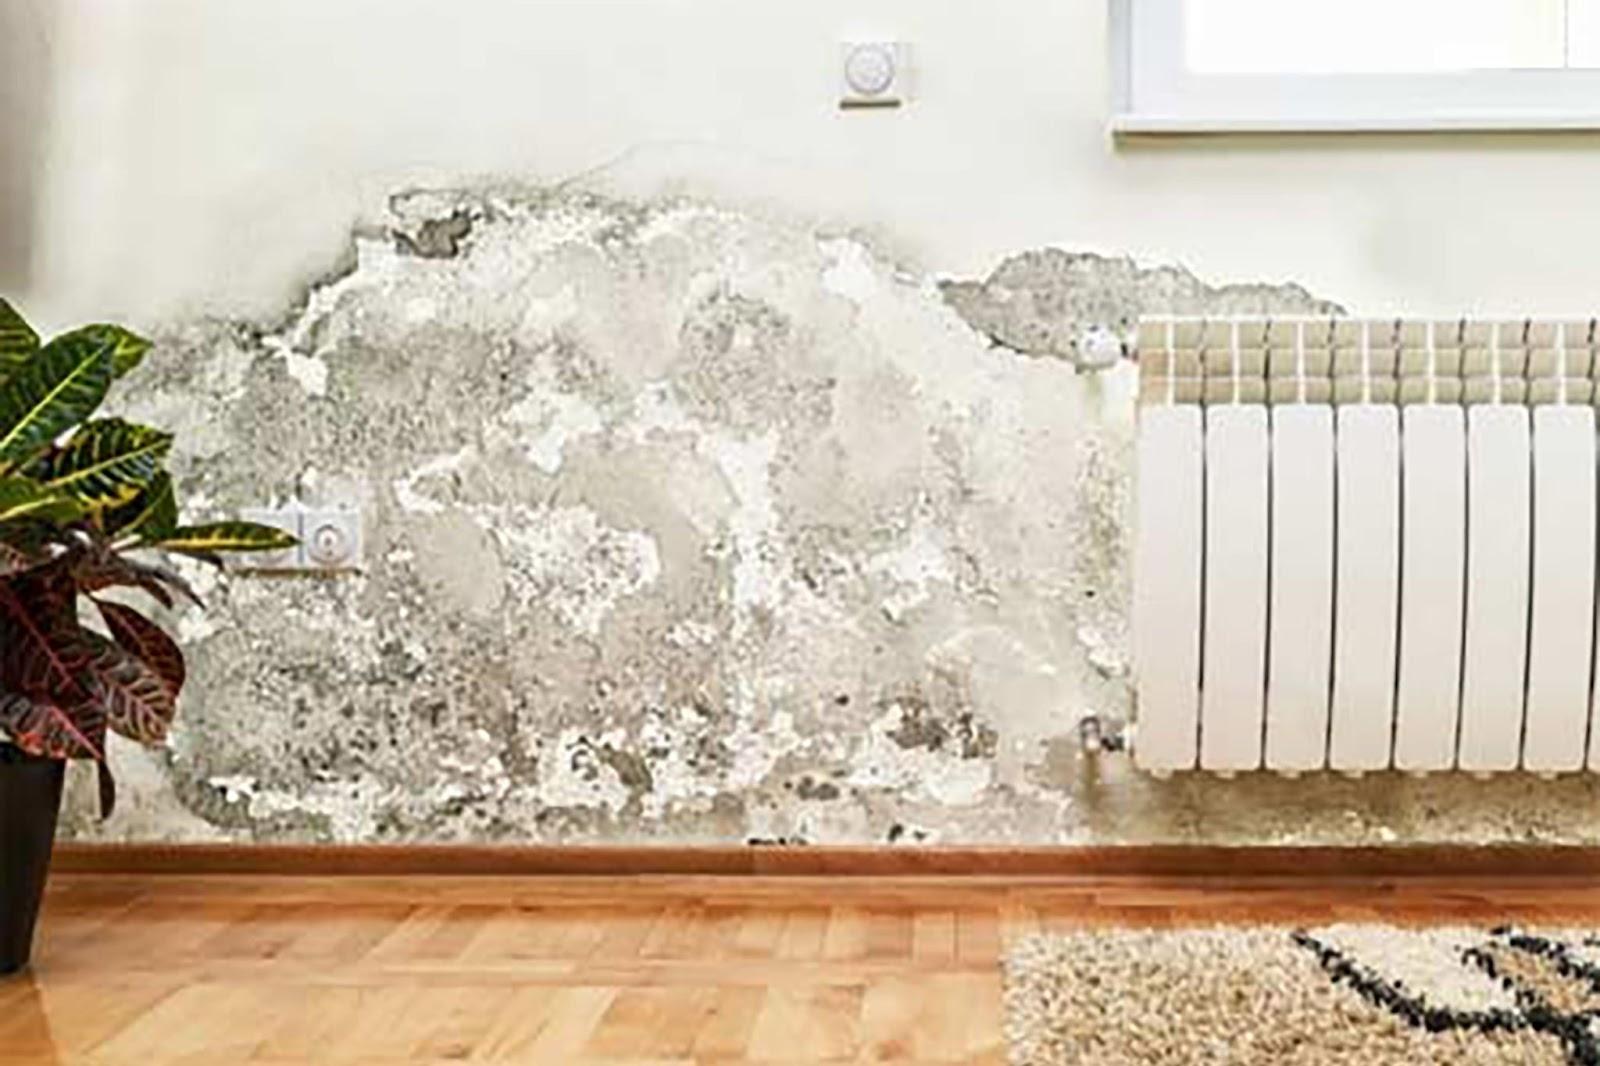 Nước đọng lâu ngày gây mốc tấm ốp tường